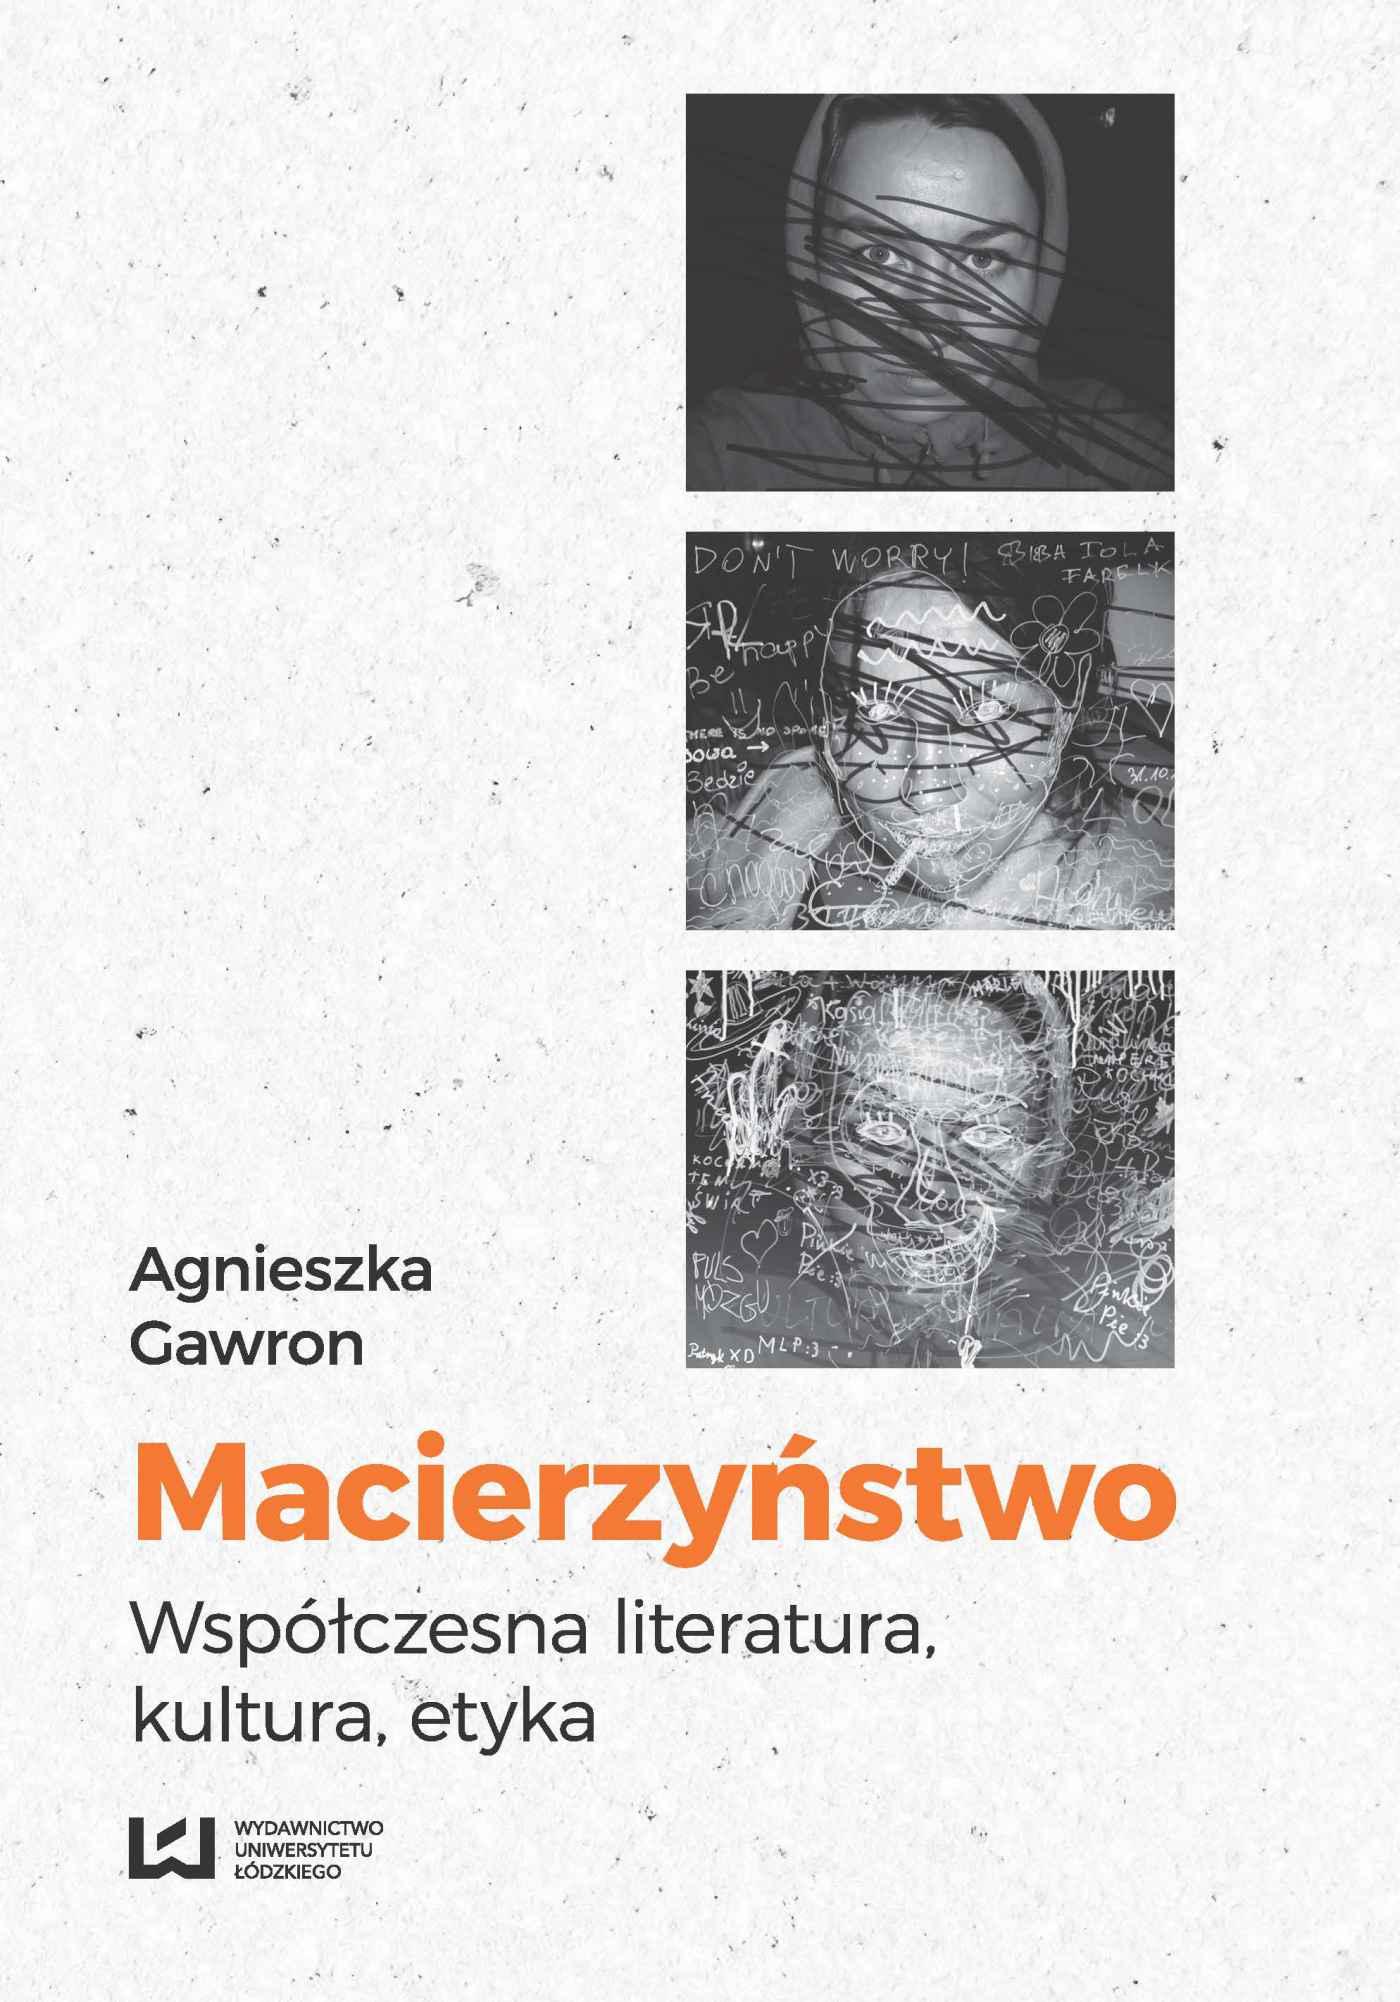 Macierzyństwo. Współczesna literatura, kultura, etyka - Ebook (Książka PDF) do pobrania w formacie PDF